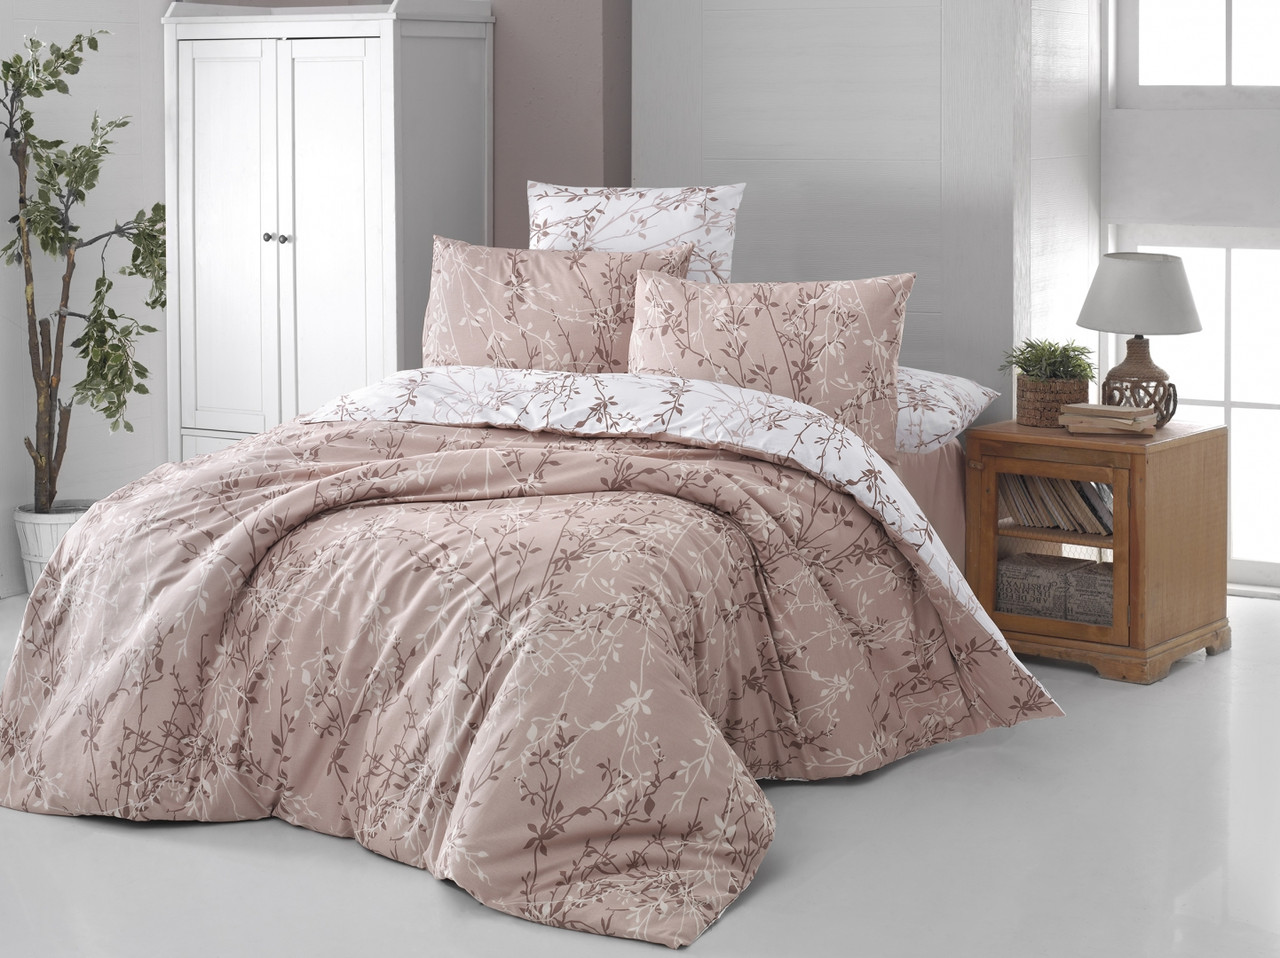 Комплект постельного белья First Choice Ranforce Zena Ekru Двуспальный Евро